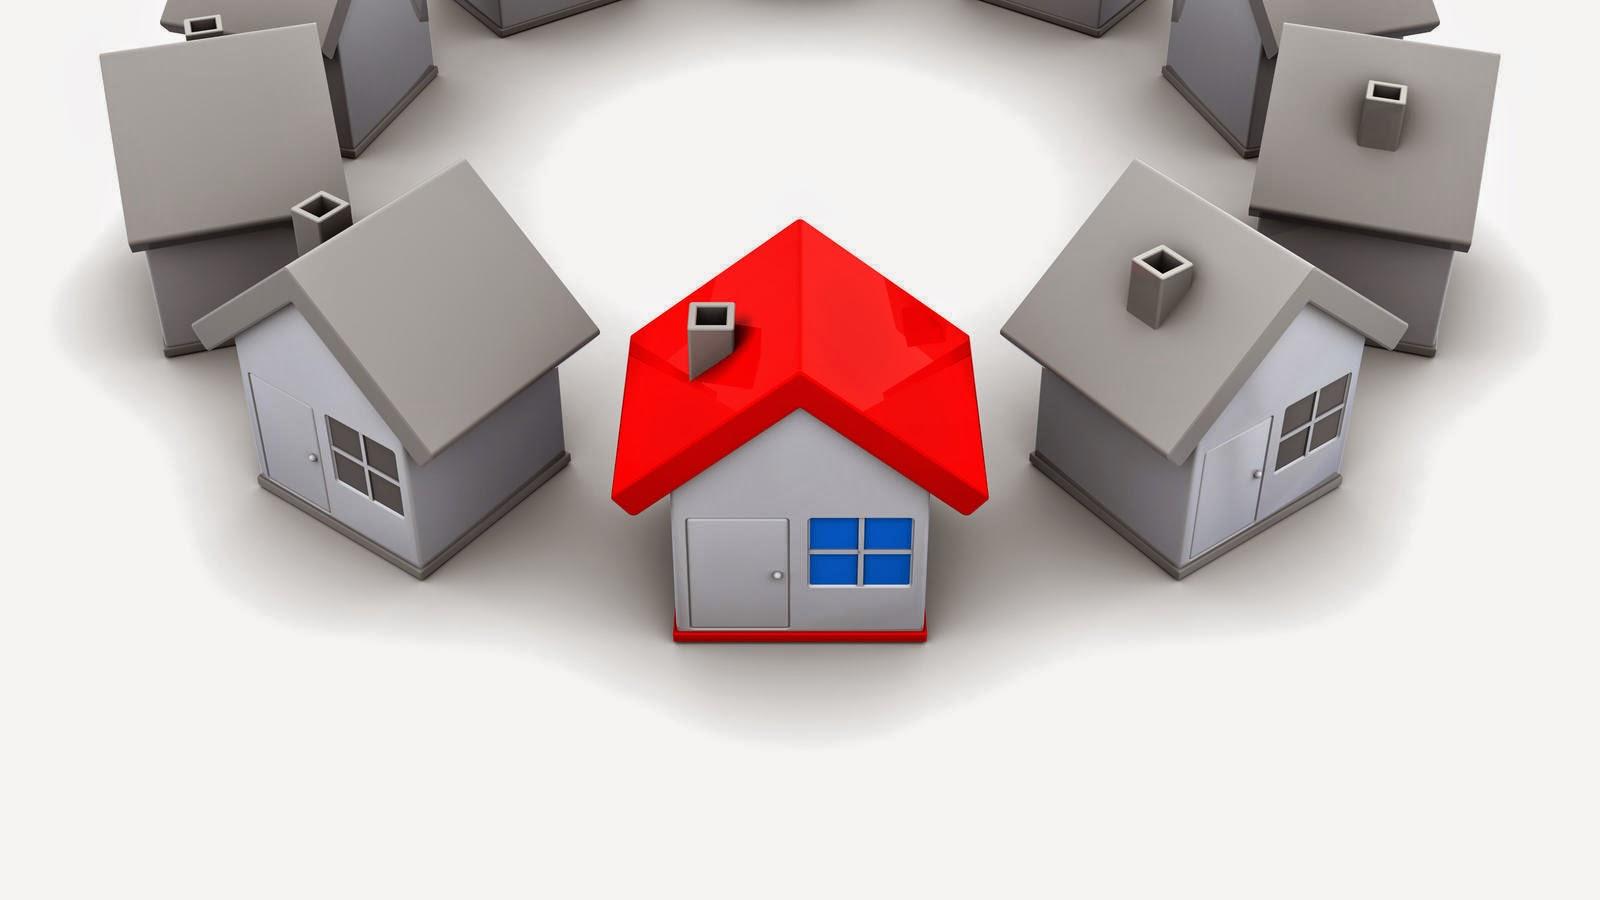 Las cosas que hay que saber de los seguros de hogar for Mejor seguro hogar ocu 2017